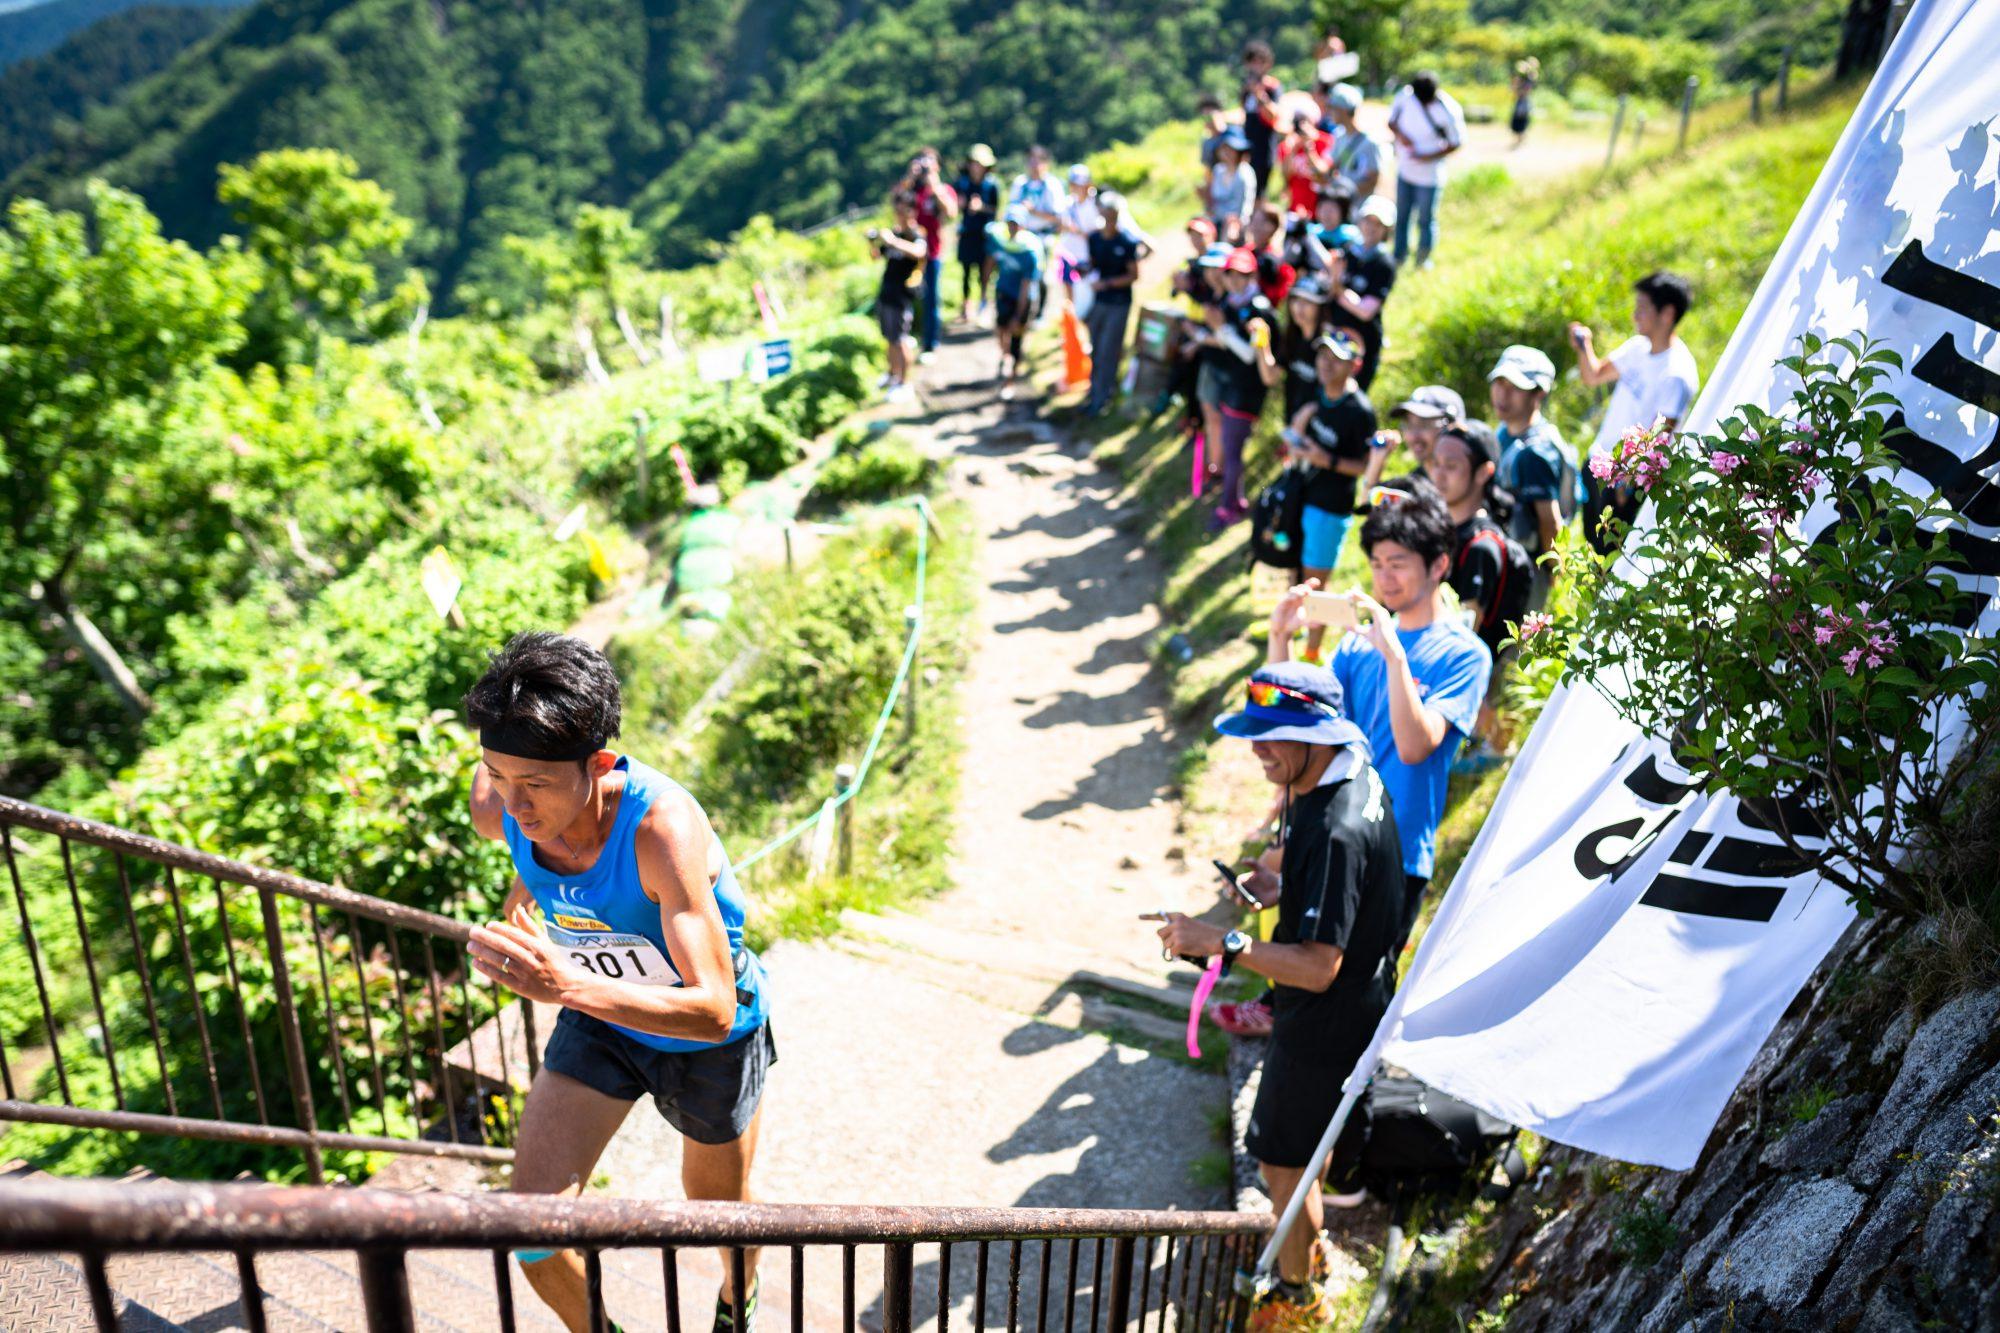 最後の階段を駆け登る宮原。欧州のように賑やかな大歓声に迎えられた ©BIWAKO VALLEY SKYRACE・JSA・NAGI MUROFUSHI